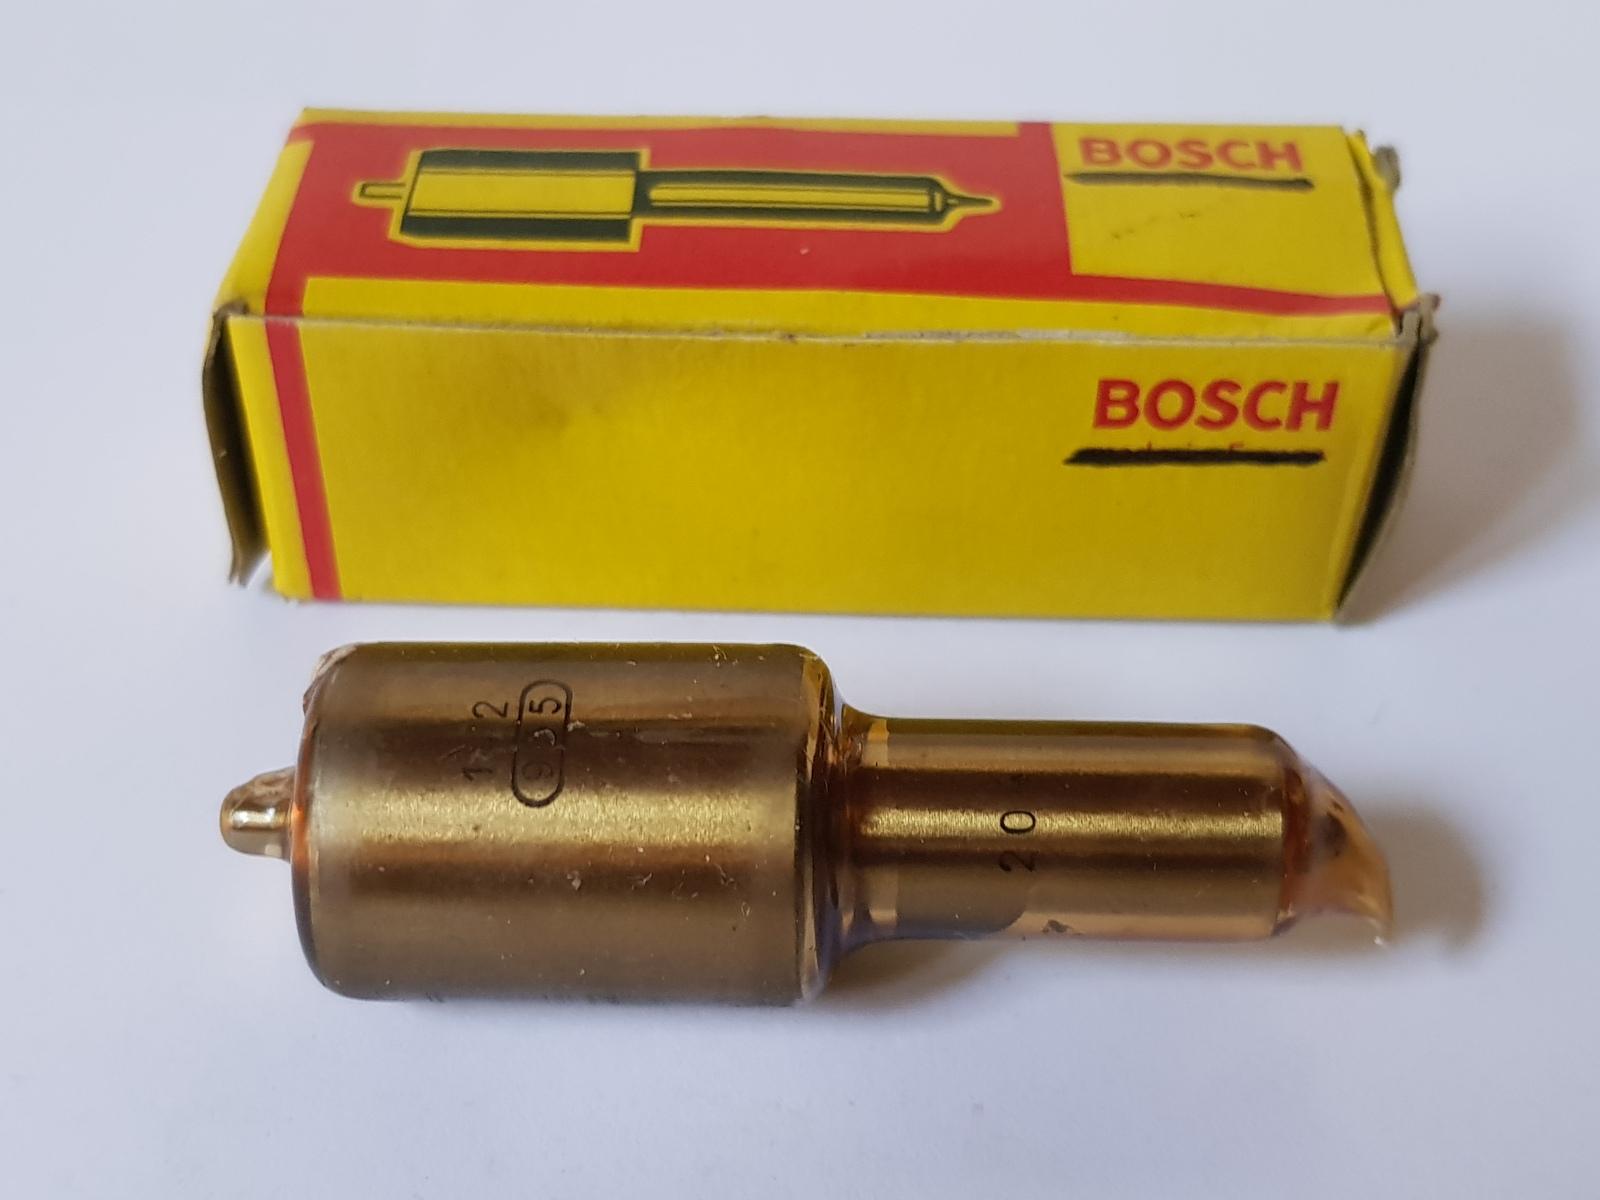 Bosch  Einspritzdüse 0433271058 DLLA150S204 Klasse 3 Sacklochdüse Diesel